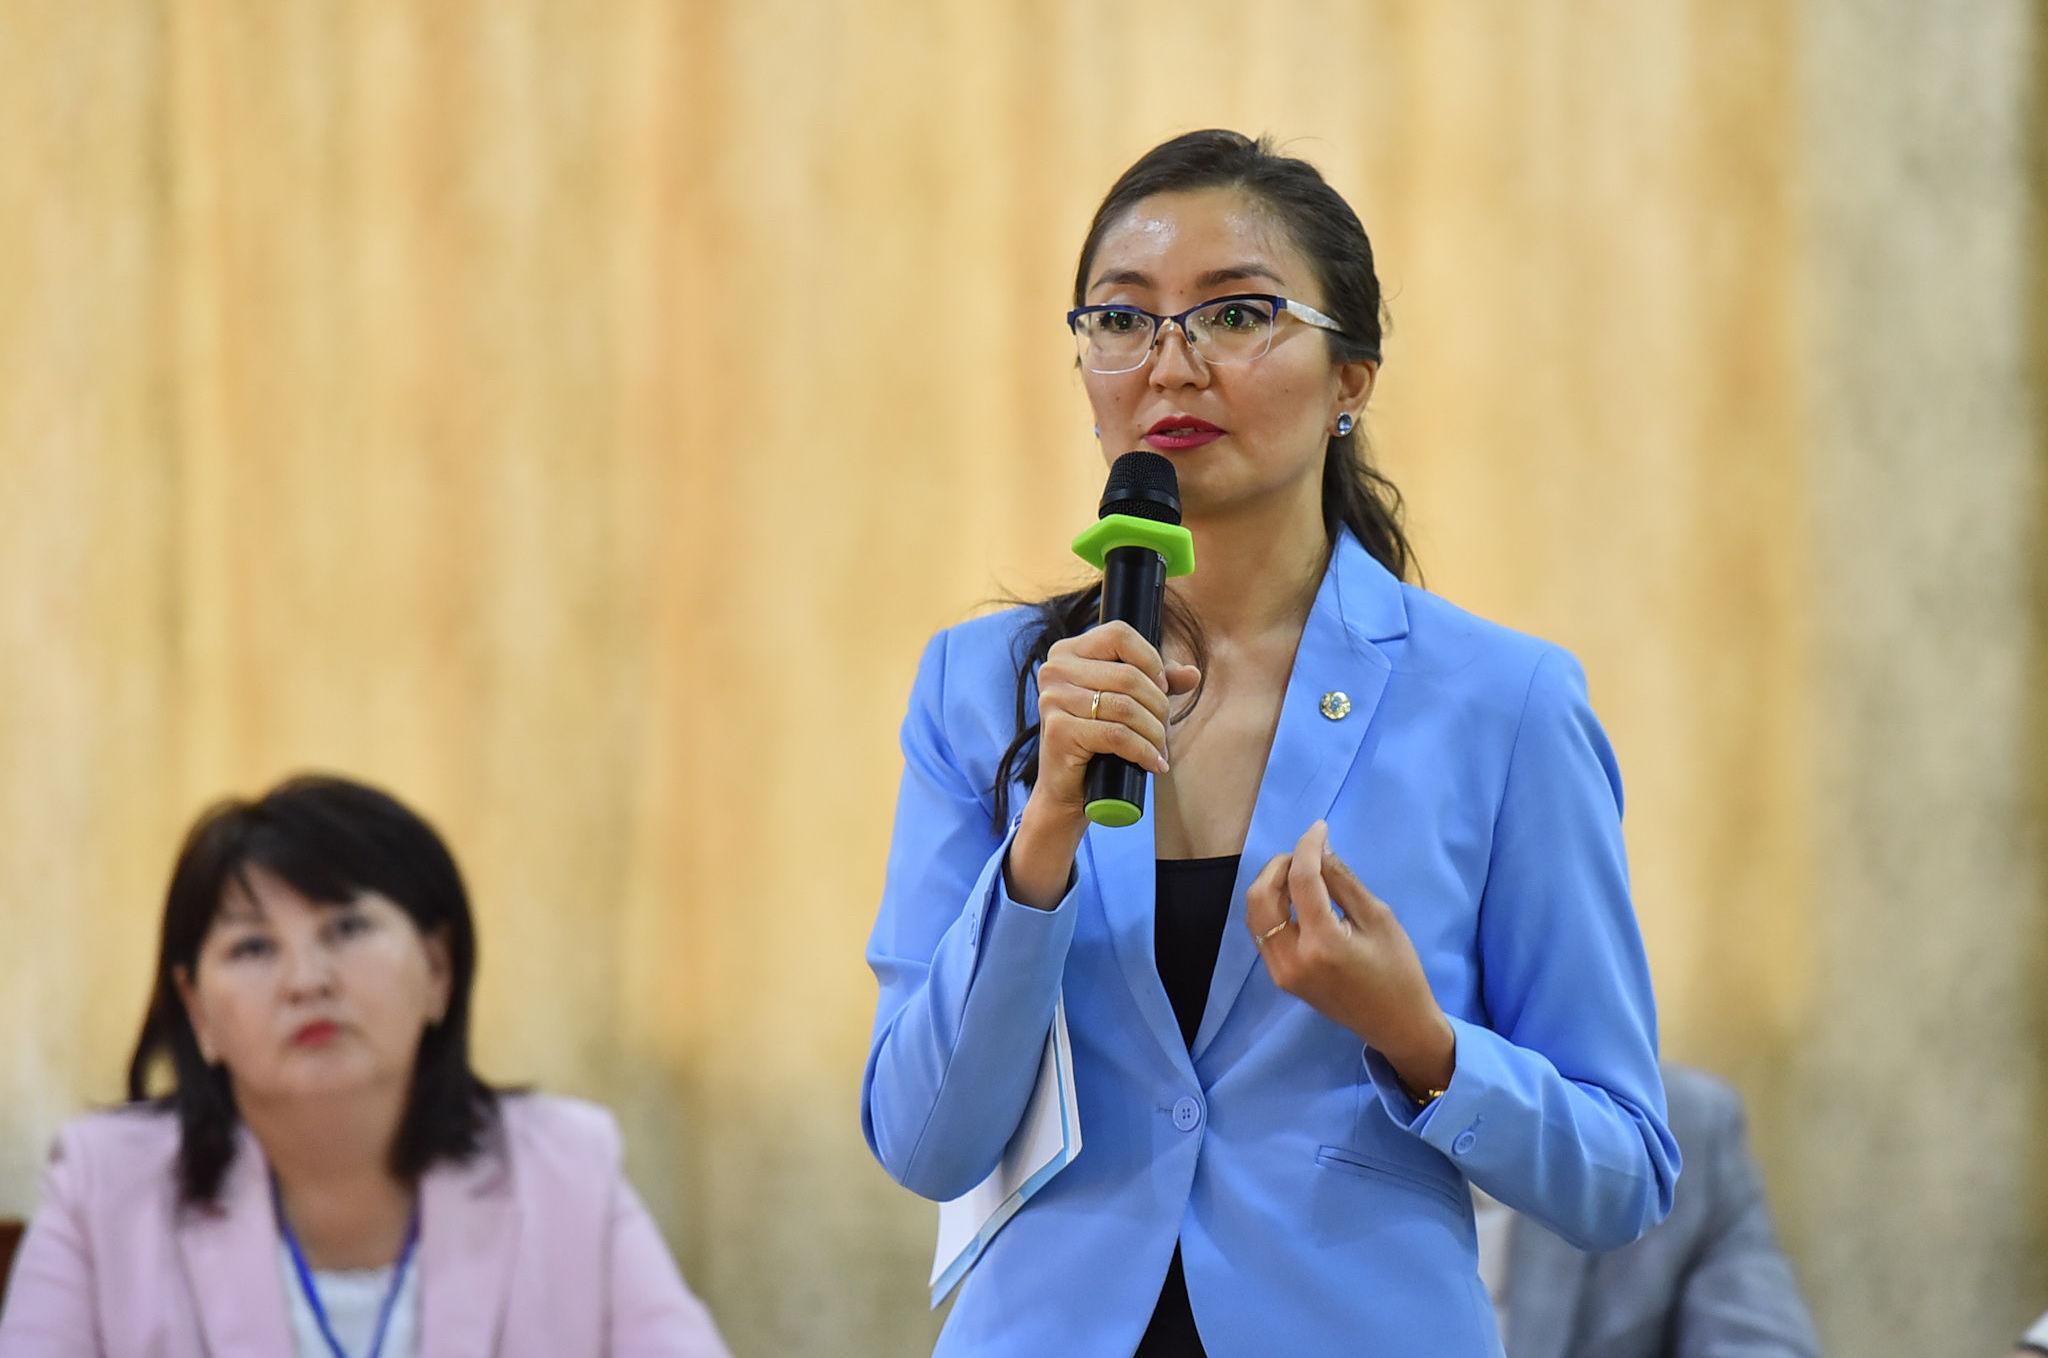 Директор республиканского центра развития здравоохранения министерства здравоохранения Казахстана Айнур Айыпханова